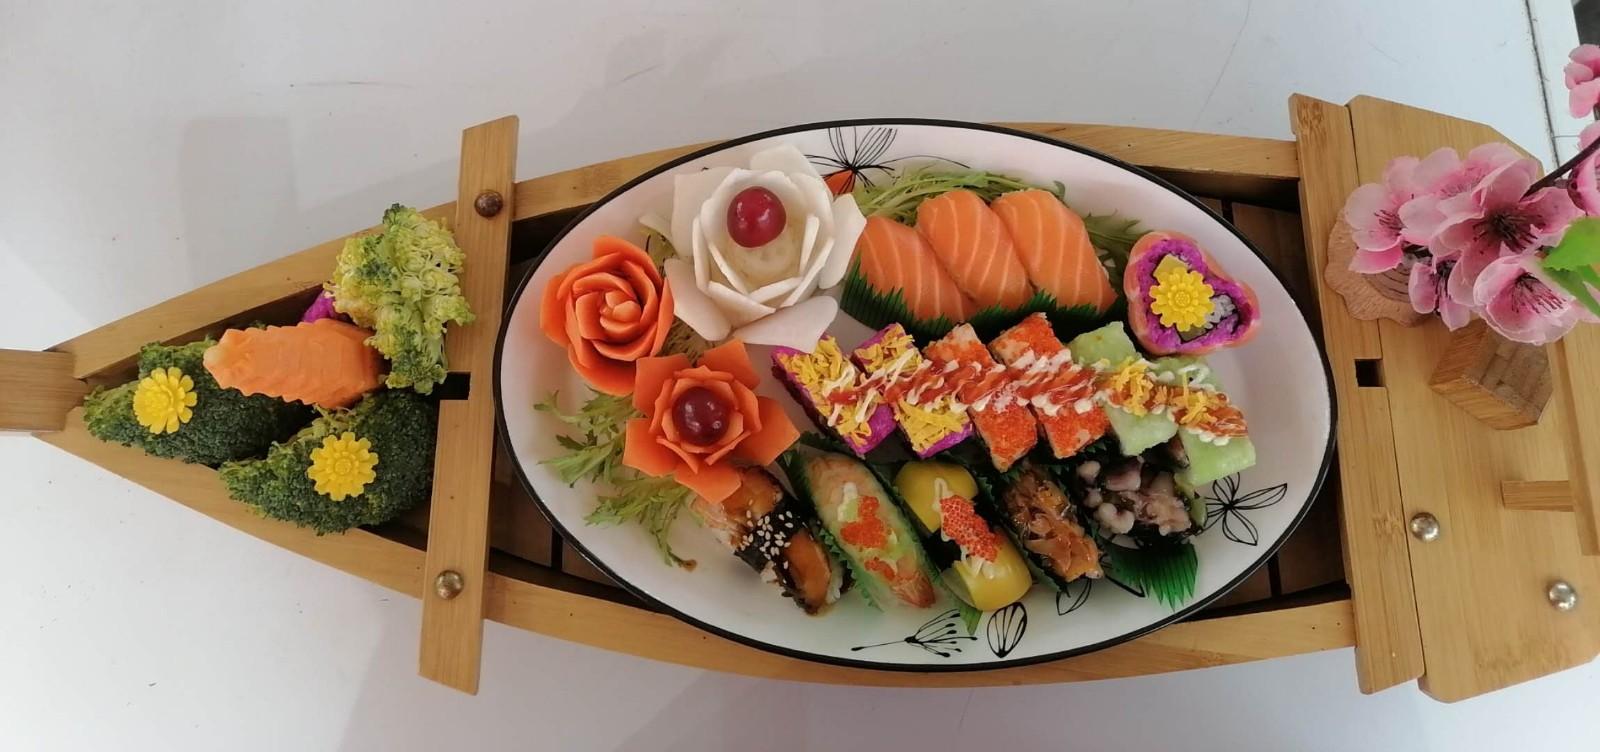 第二届'母亲节杯'禾古寿司技能大比拼 作品(长江购物广场)